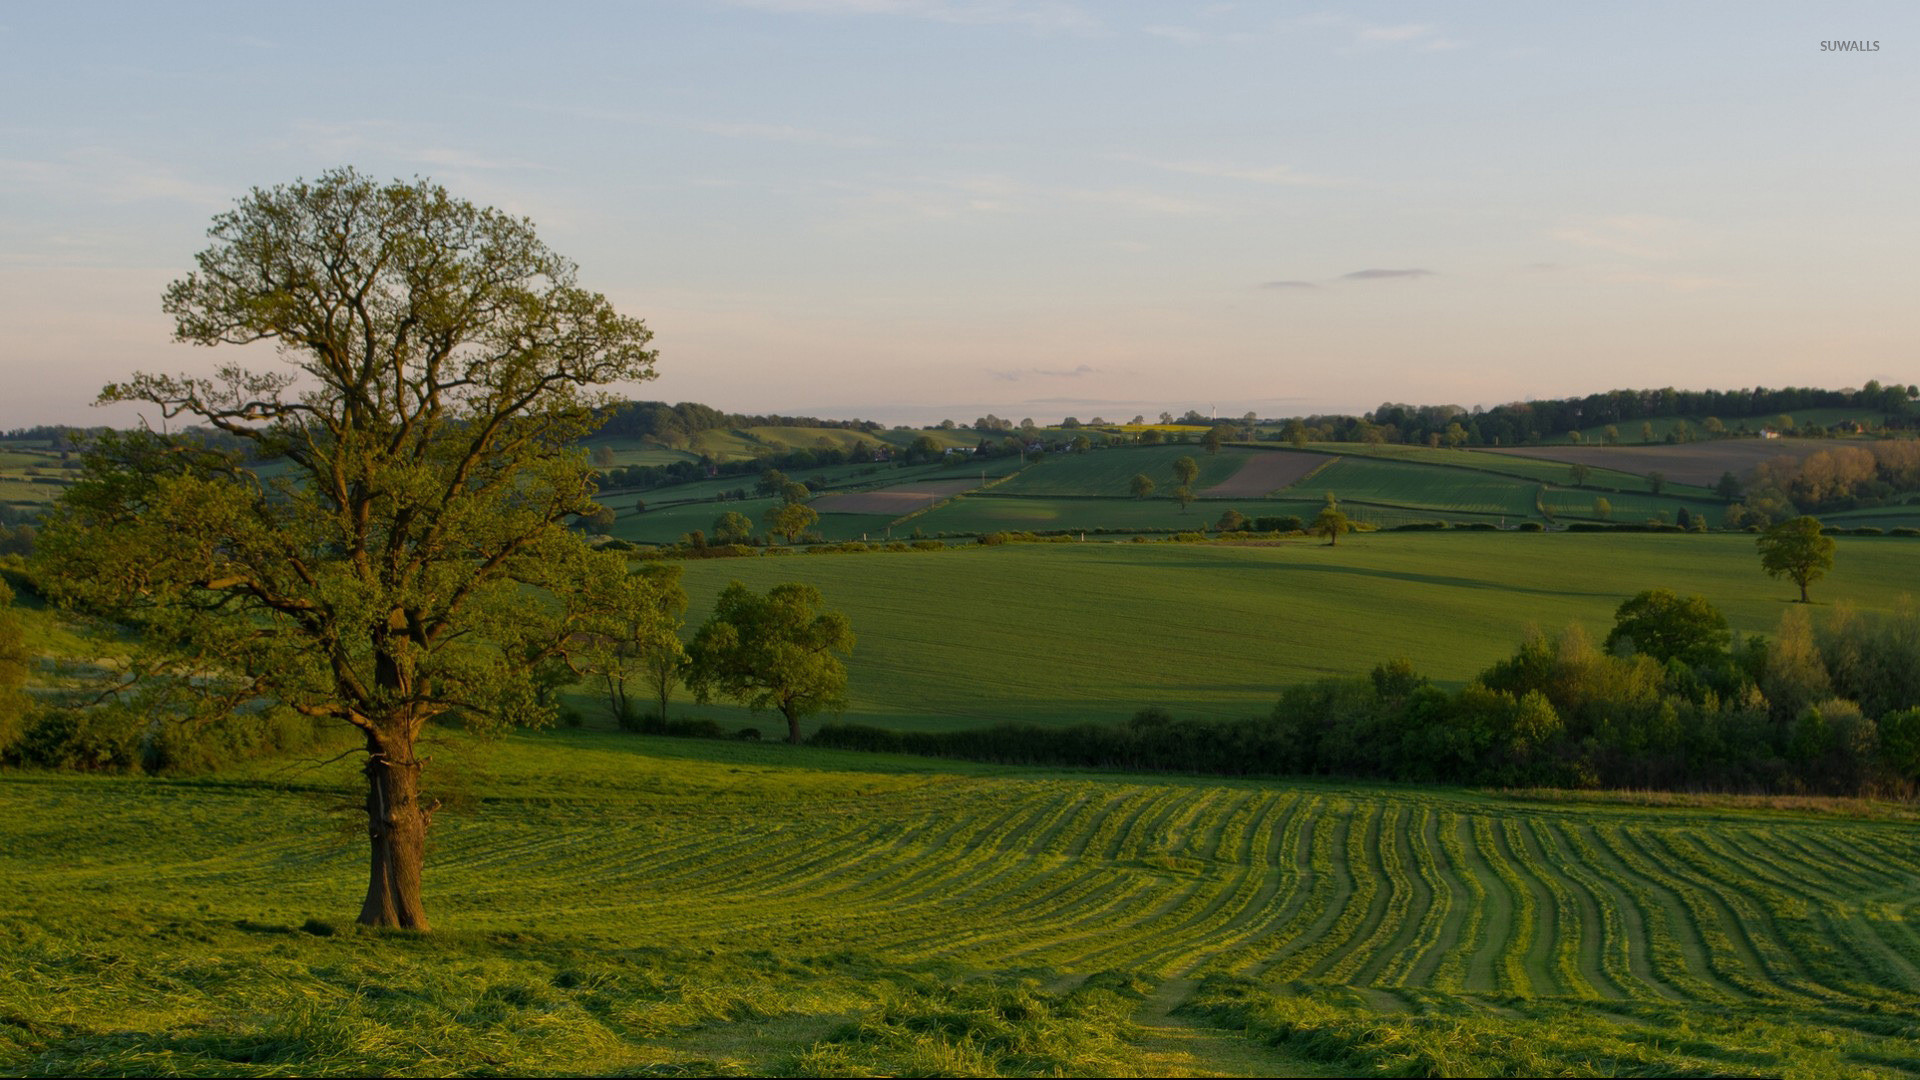 Summer sunset over the green field wallpaper